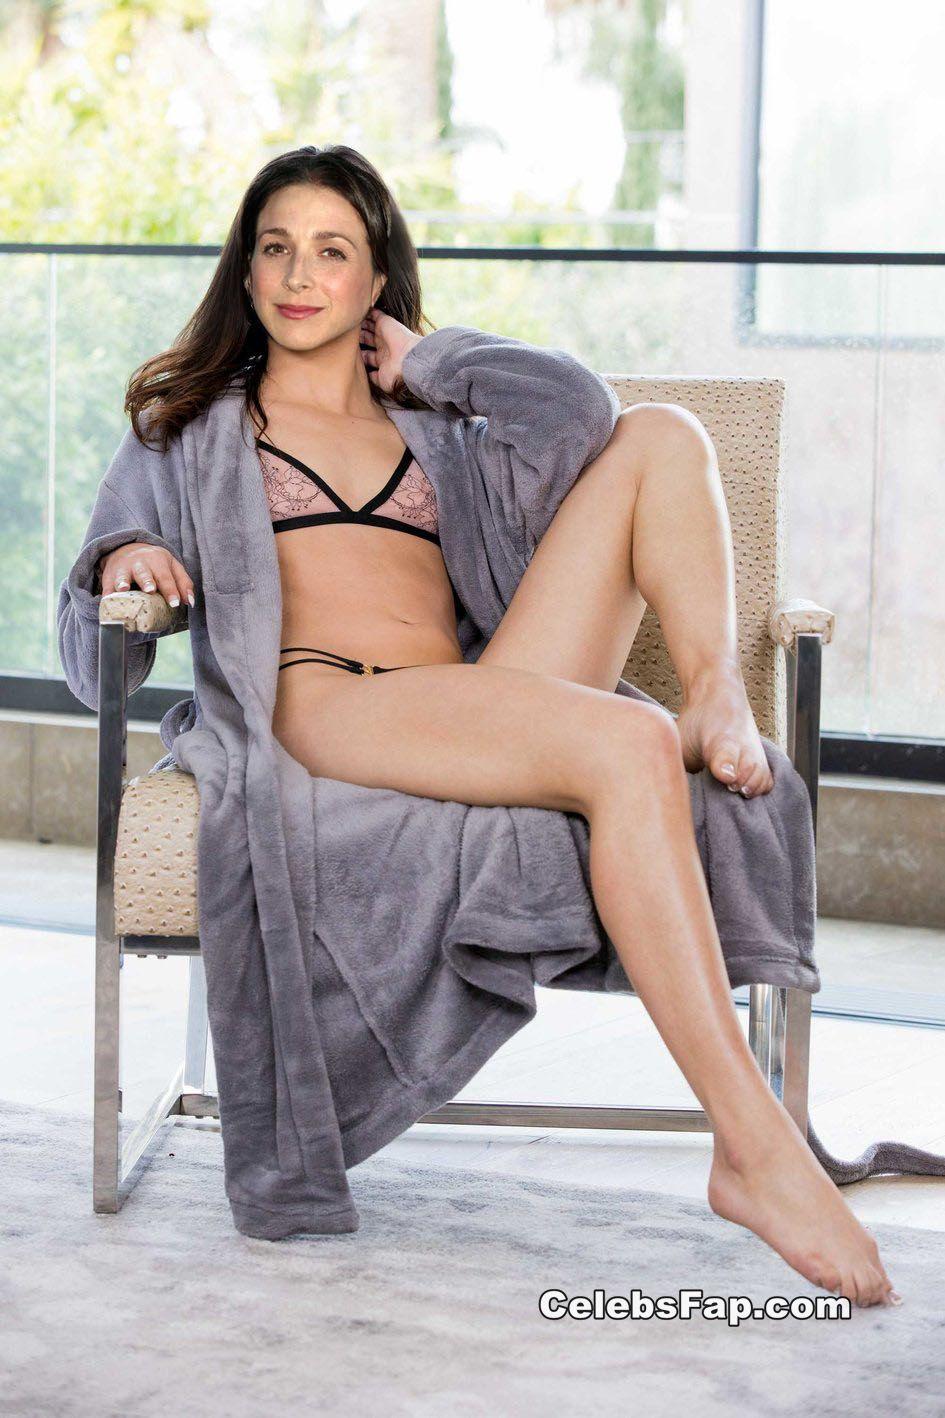 Marin Hinkle Nude And XXX Porn Photos